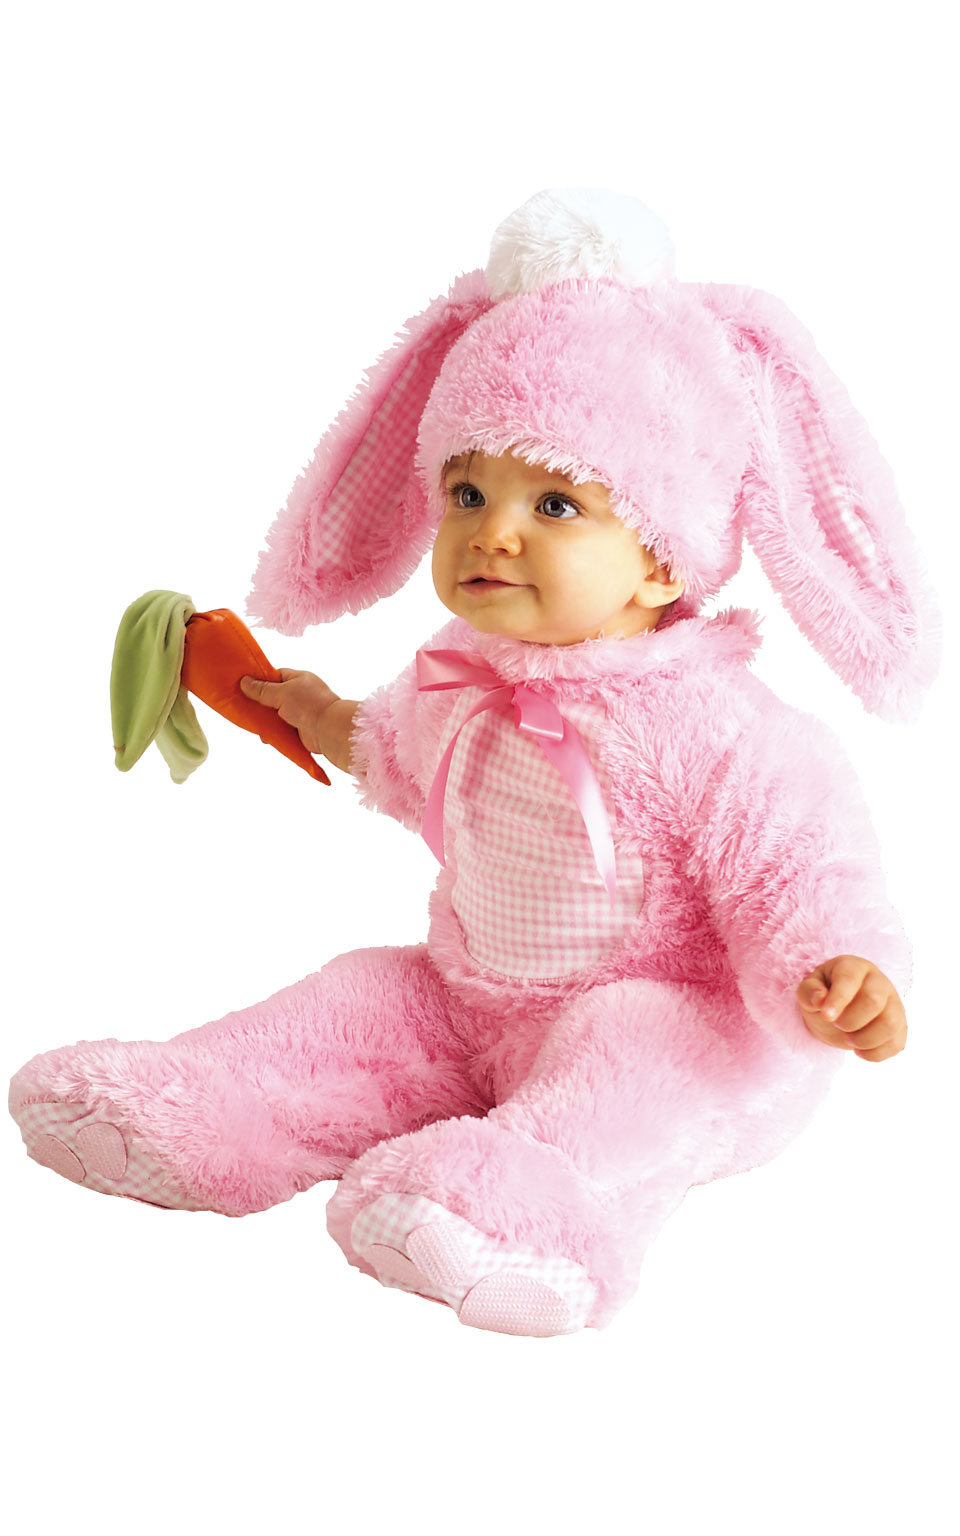 Baby kostým - růžový králíček (6-12m)